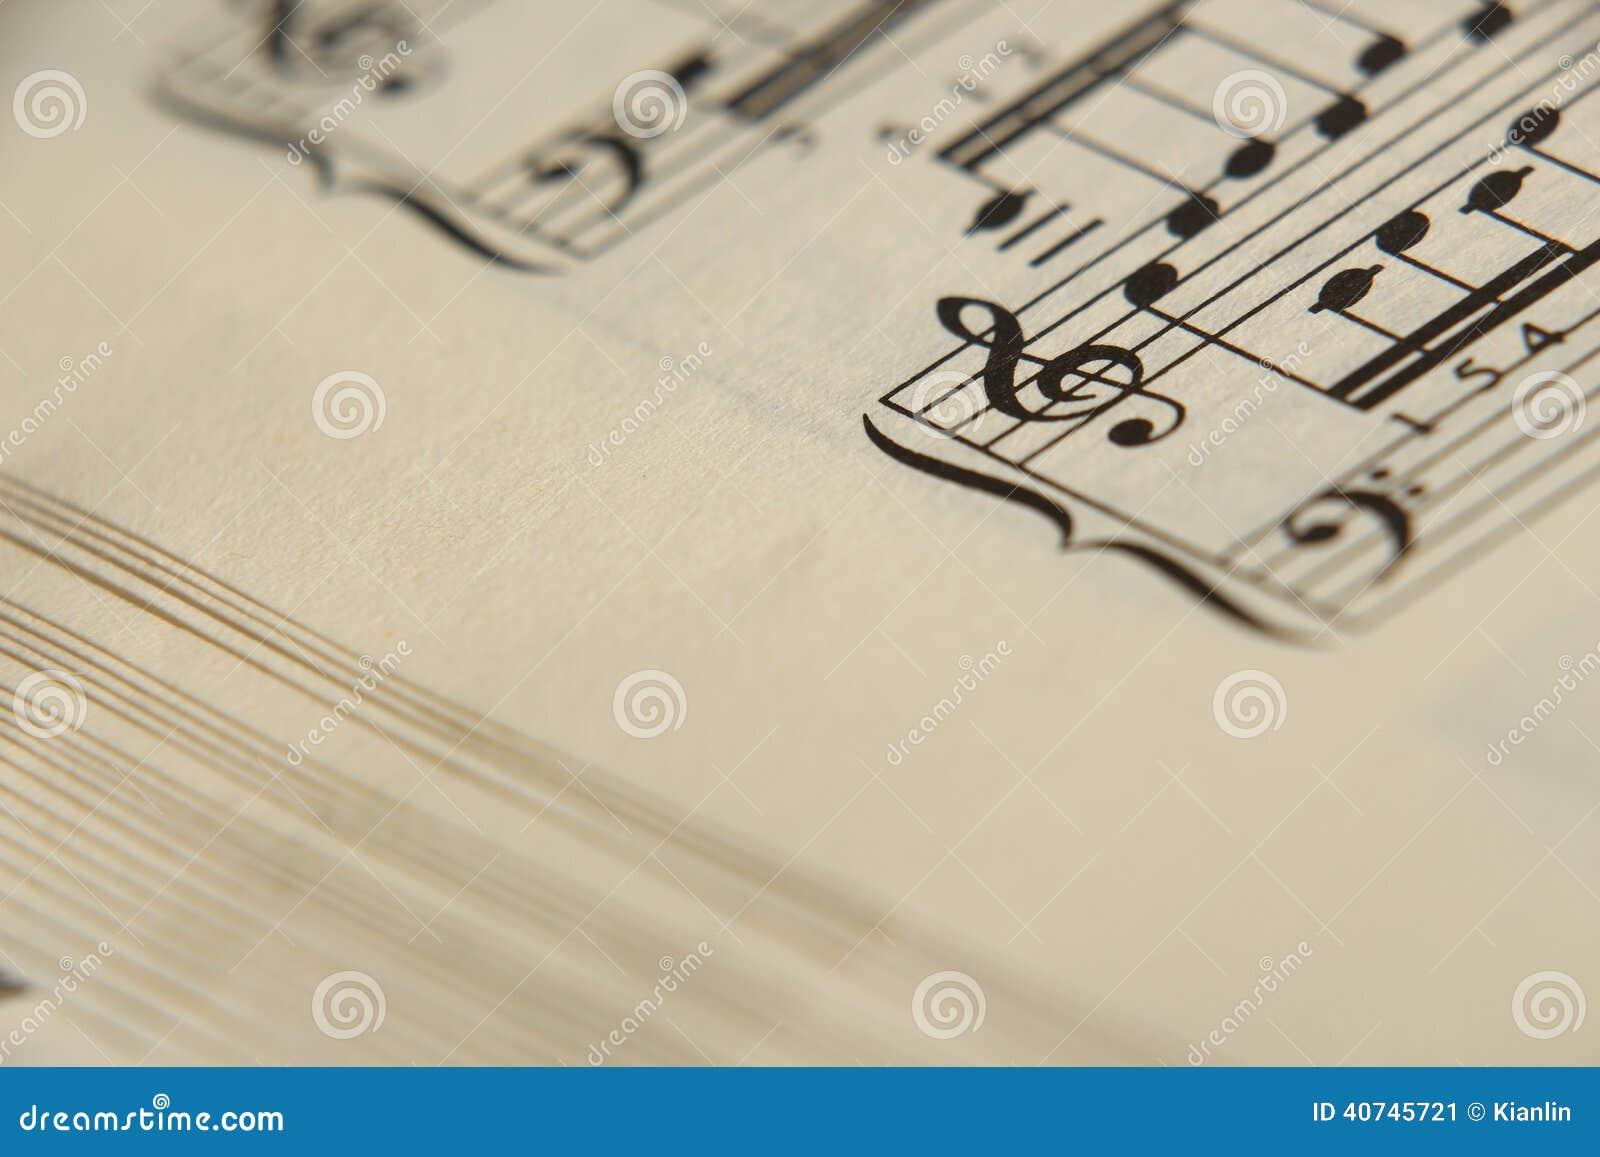 活页乐谱5